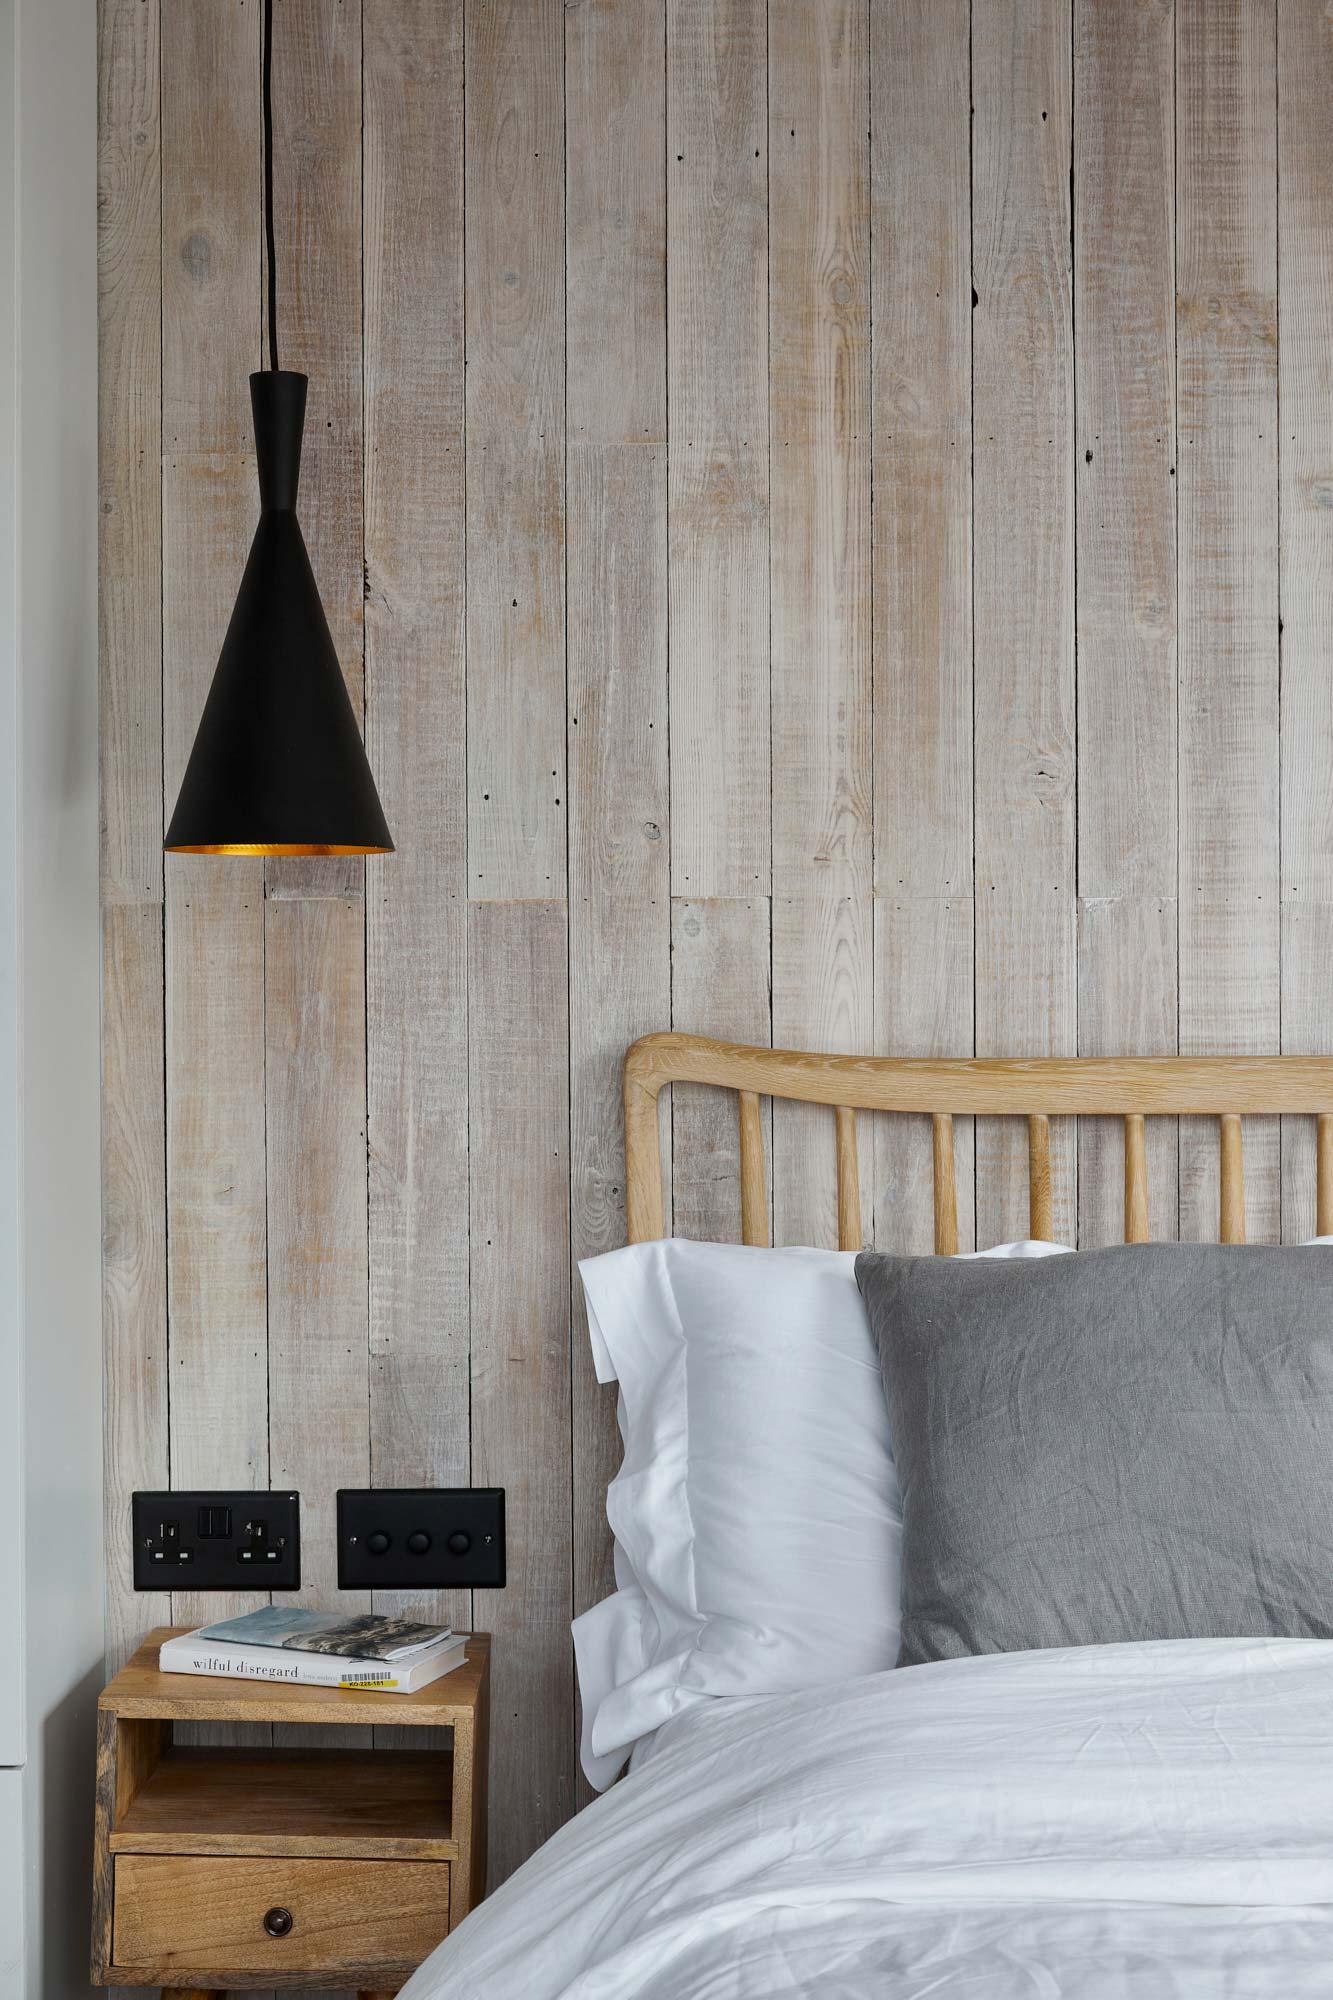 Rustic wood bed headboard